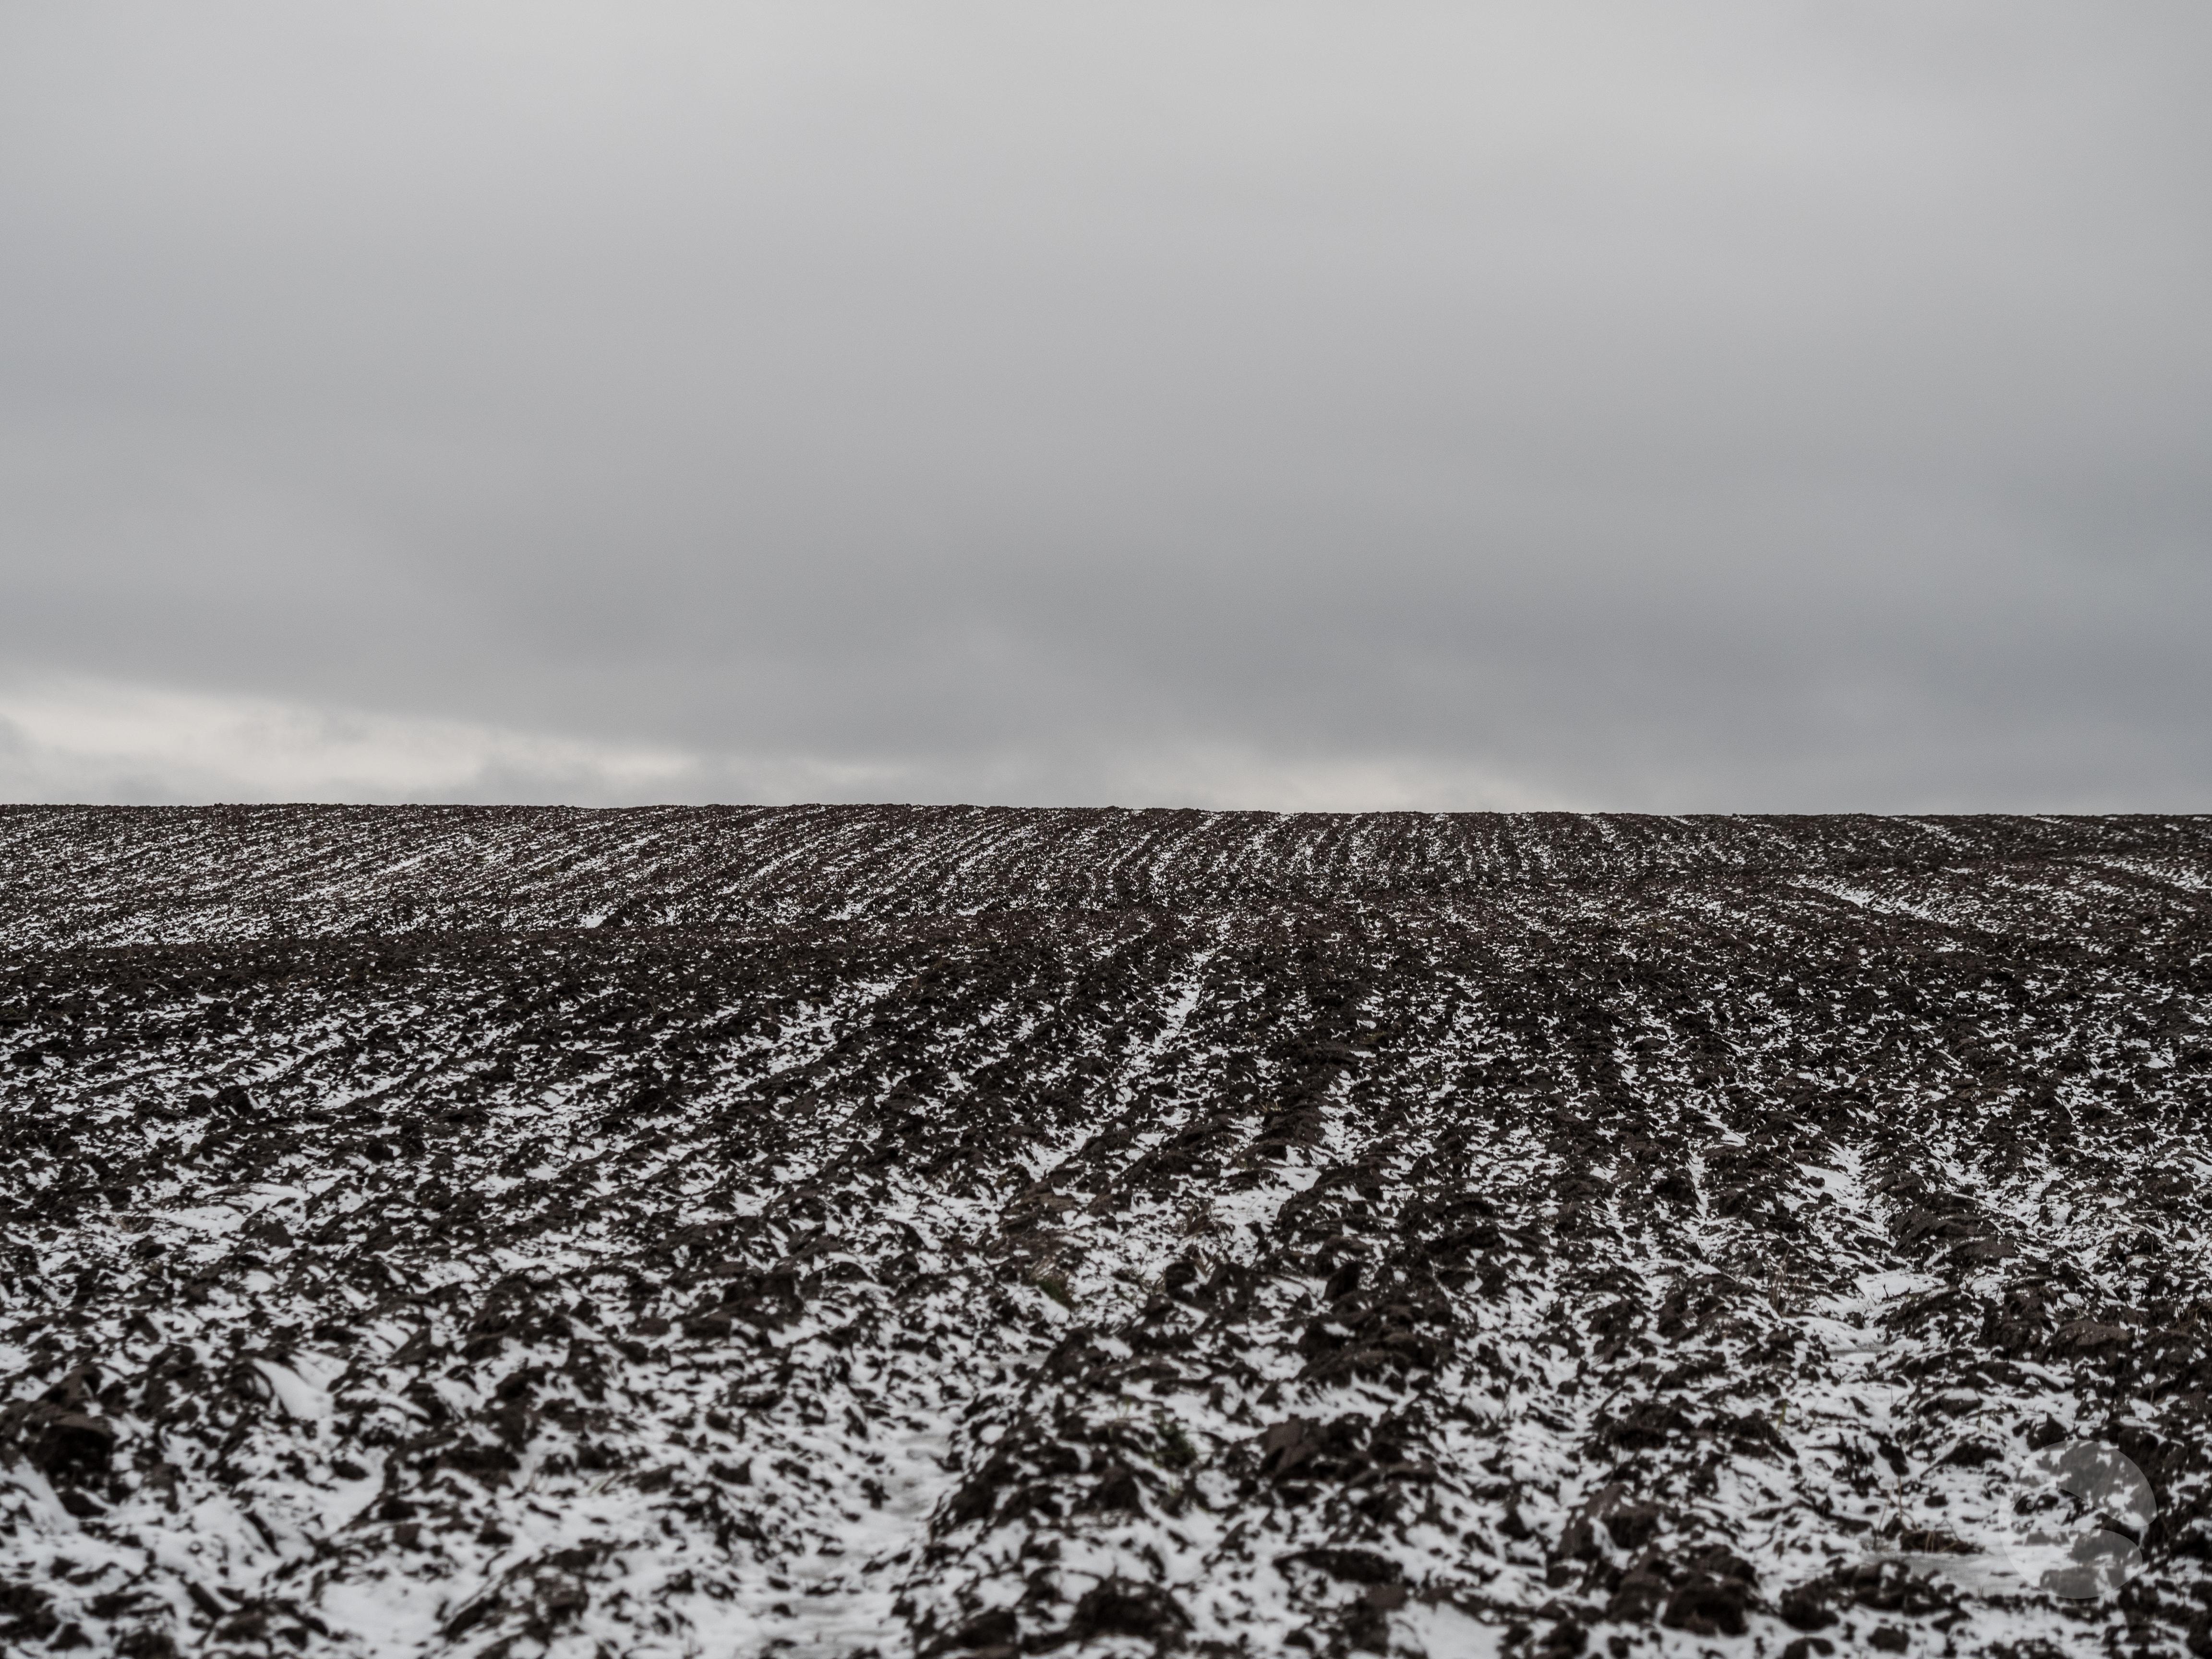 Fields in the winter